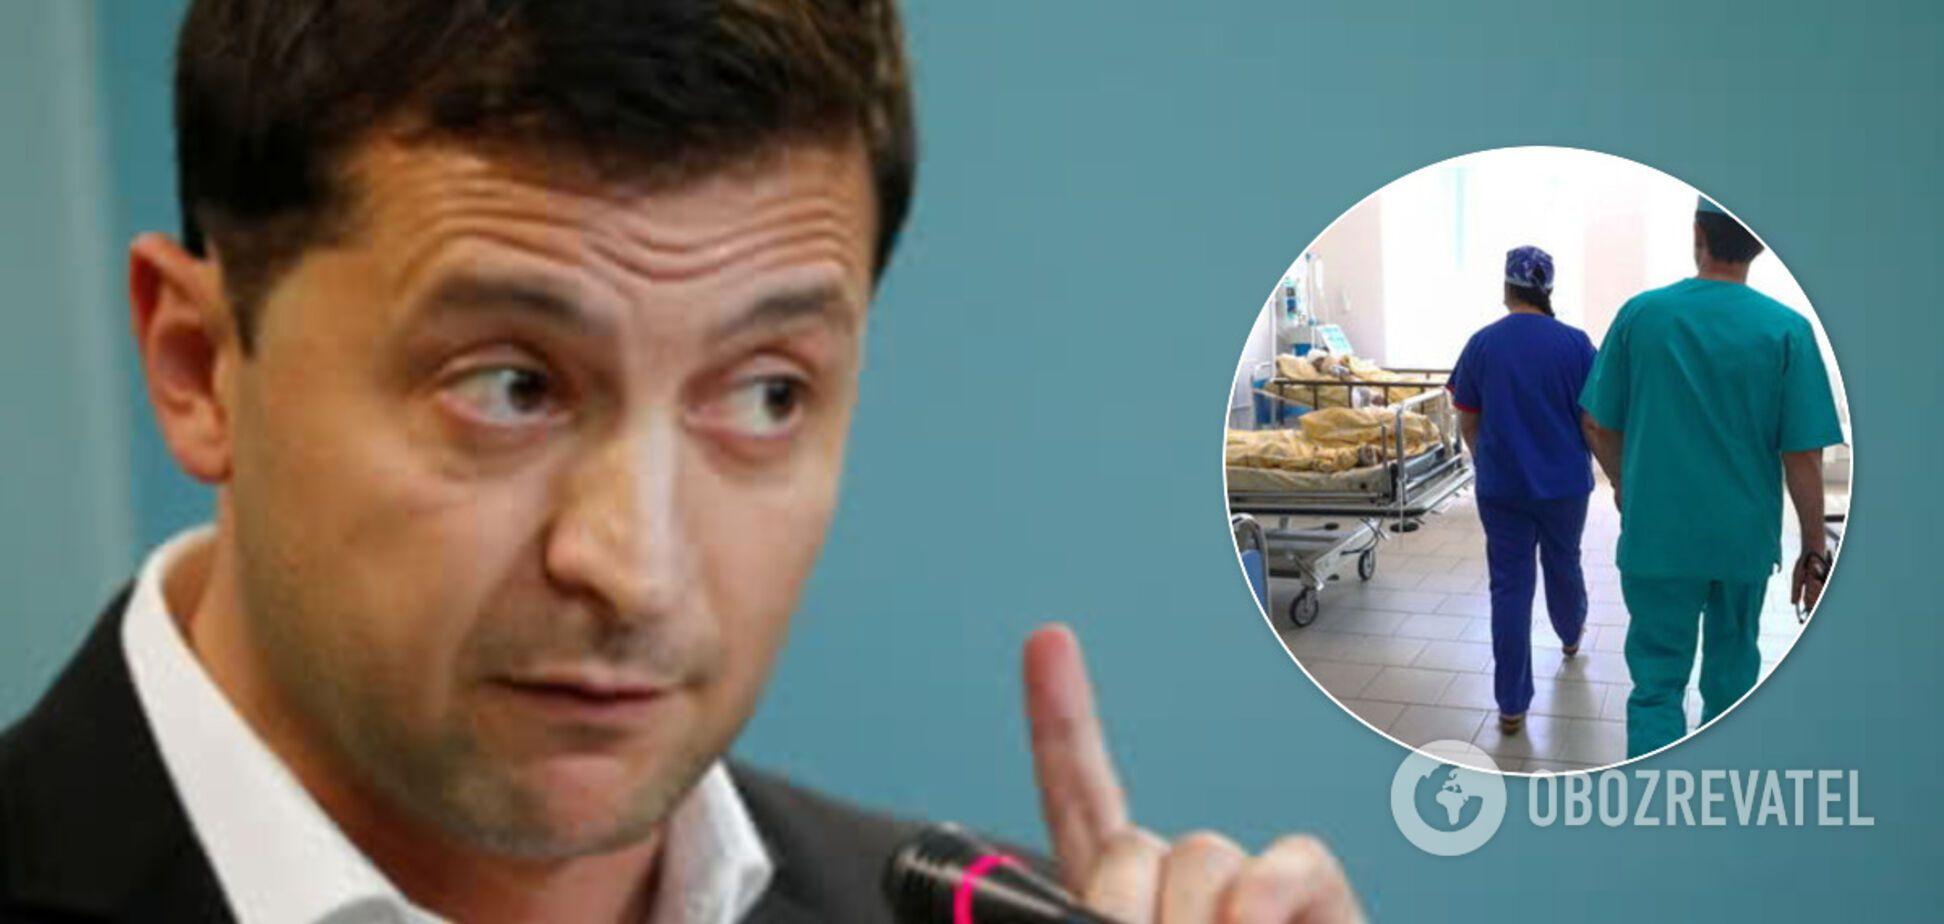 Зеленський взявся за охорону здоров'я: хто вирішуватиме долю реформи